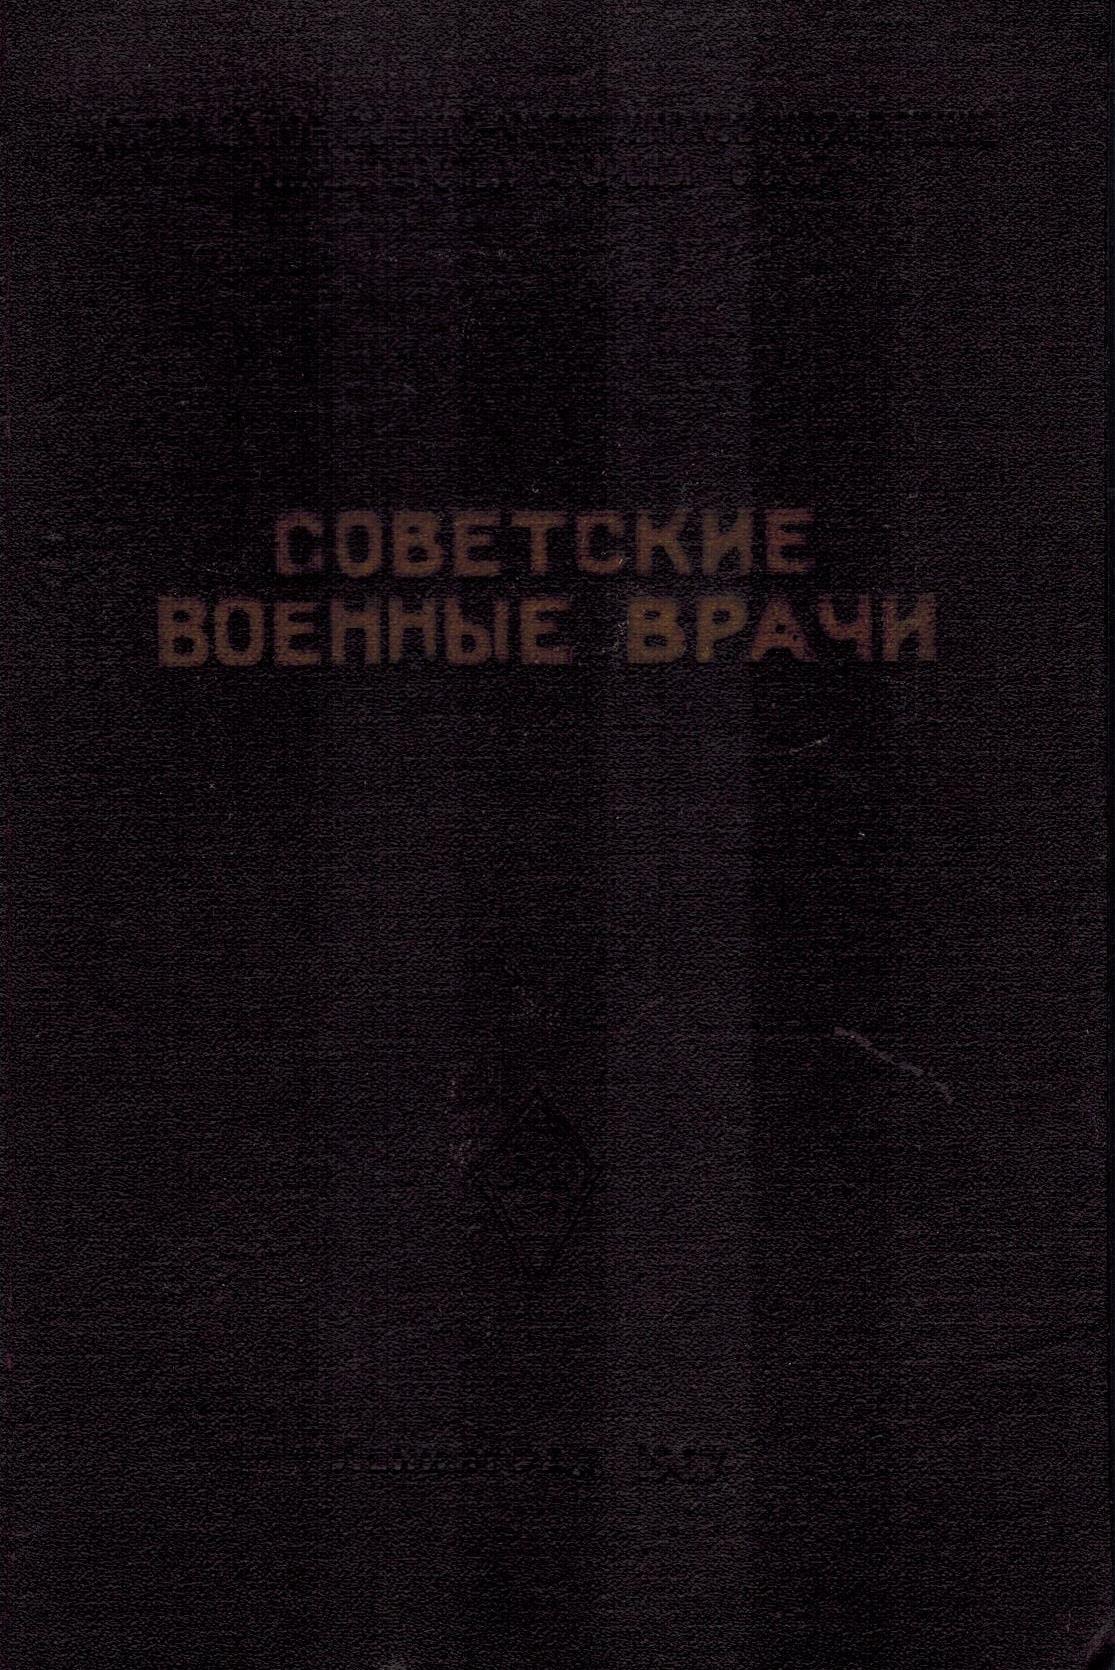 Советские военные врачи. Краткий биографический справочник. Часть 1 А - Л савко л справочник гипертоника